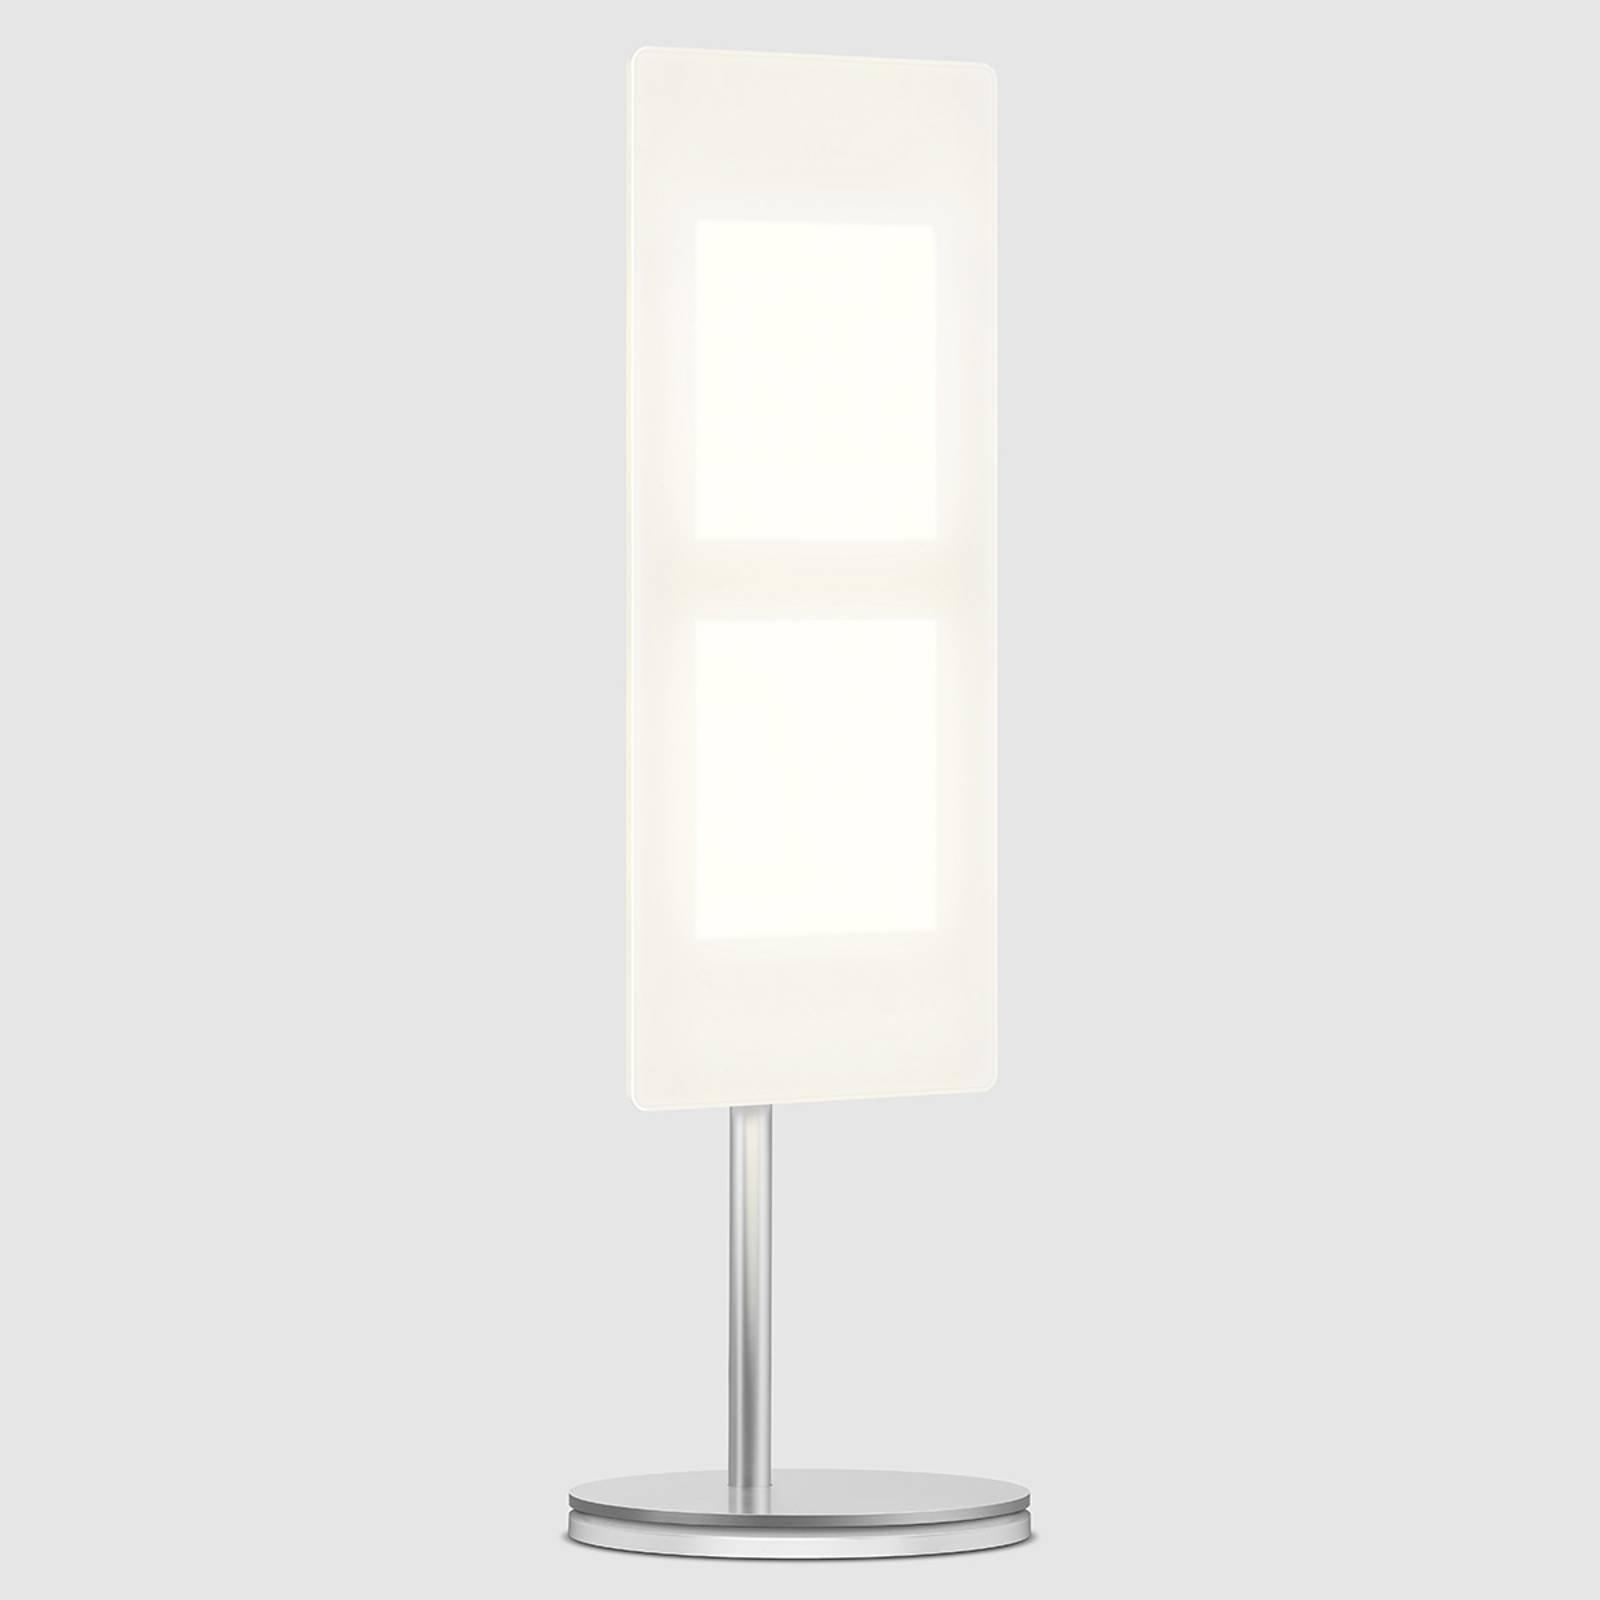 47,8 cm høy OLED-bordlampe OMLED One t2, hvit